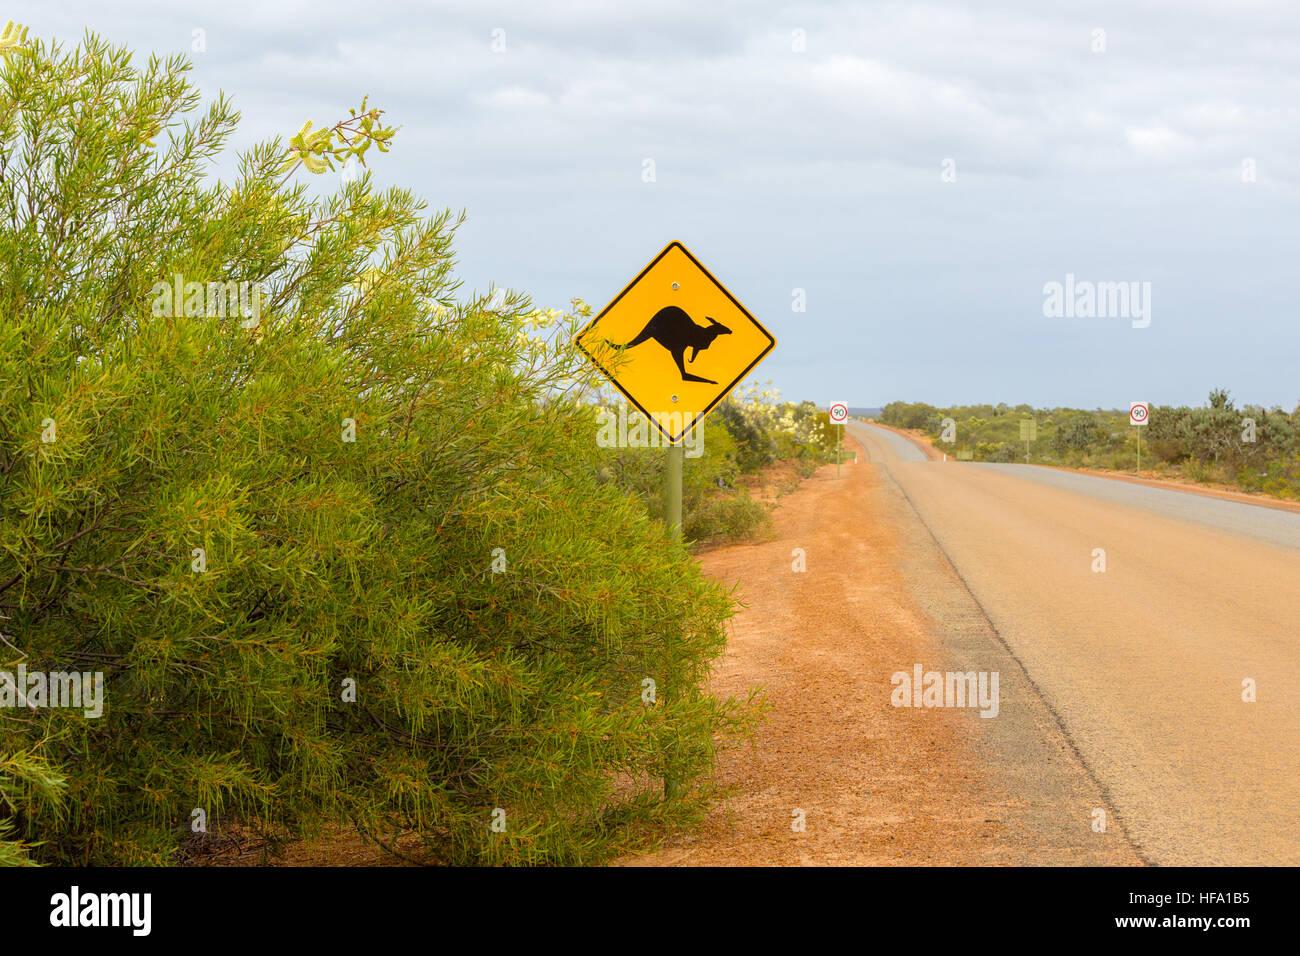 Inscrivez-kangourou, chemin de terre, dans l'ouest de l'Australie Photo Stock